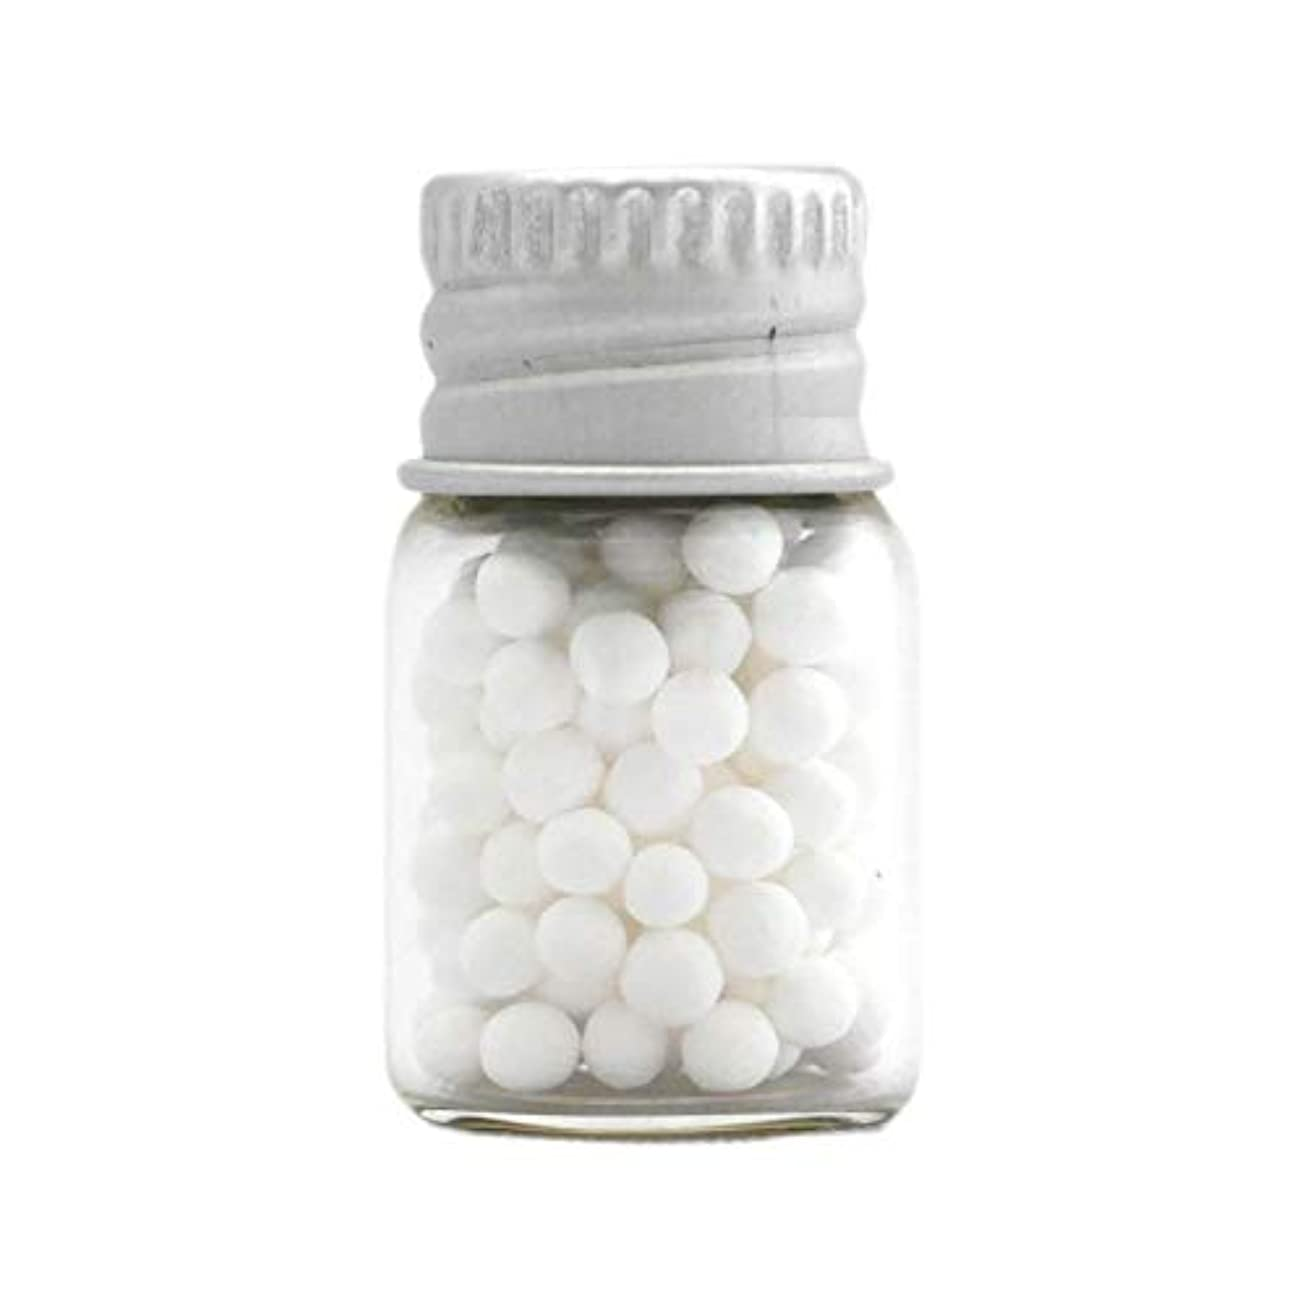 暴君装備するかかわらずアロマ?エコビーズ(直径約2mm)0.5g 銀色フタ付きミニボトル入り 香りをしみこませることのできるアロマボール